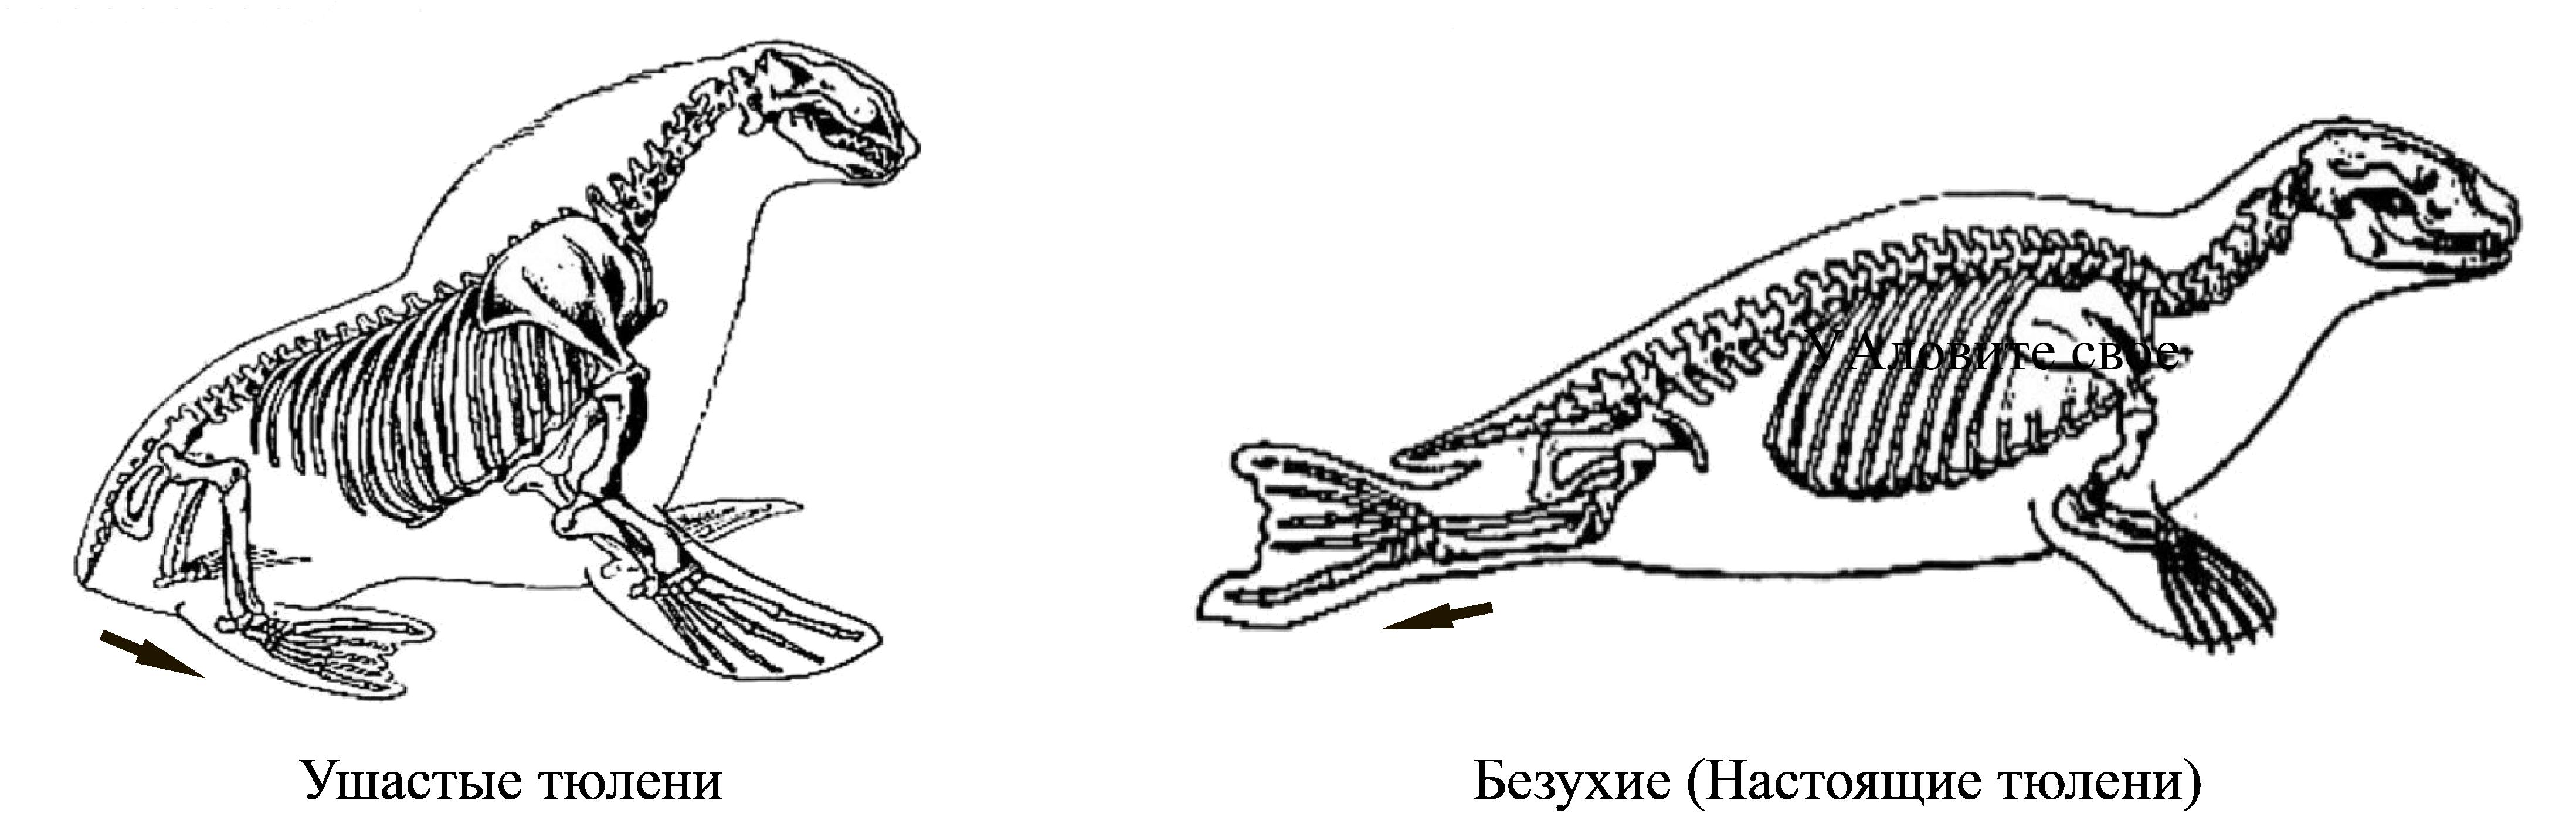 скелеты ушастых и настоящих тюленей